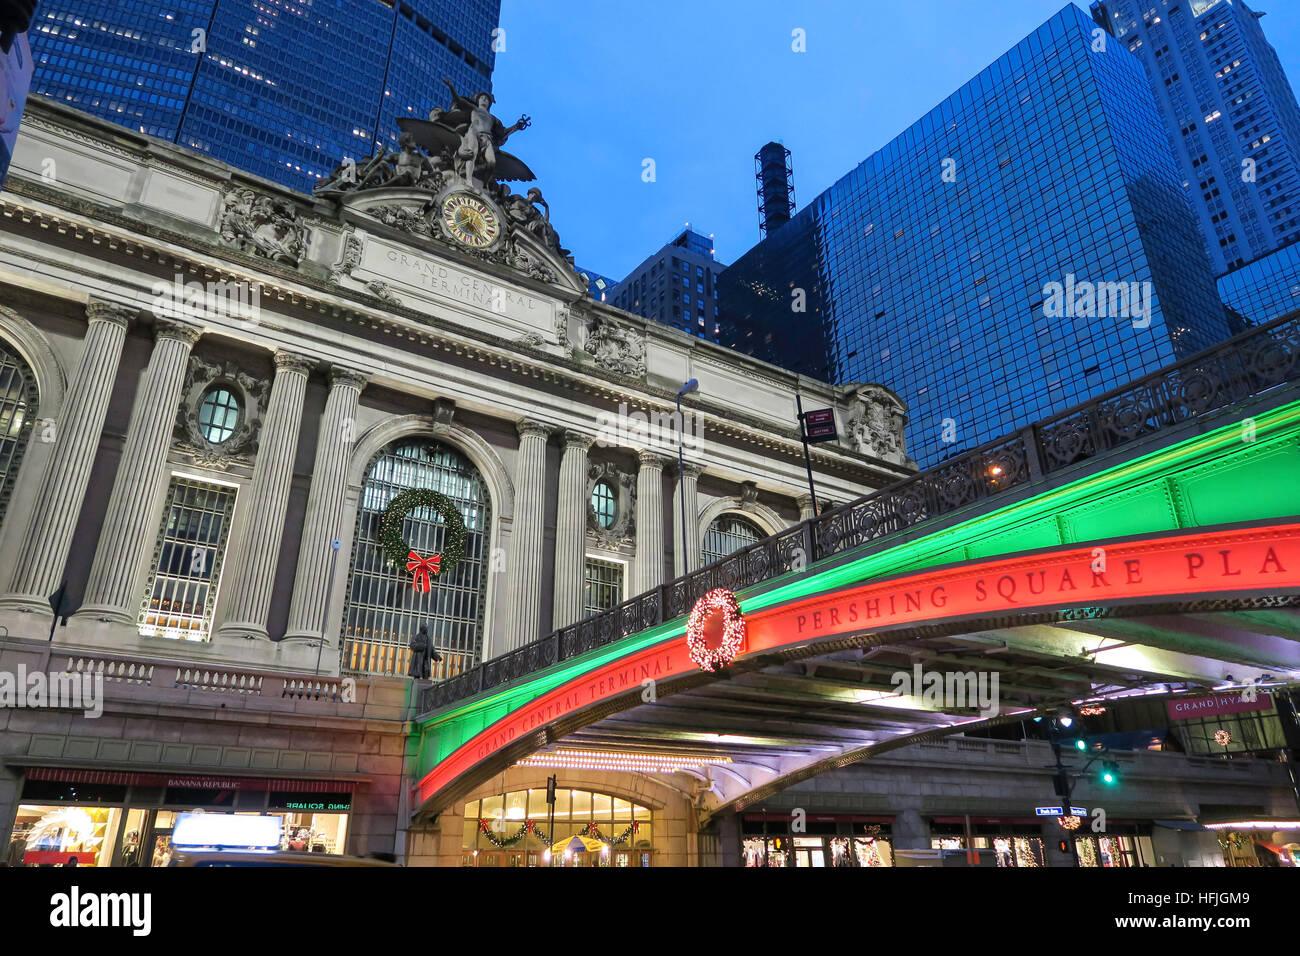 Pershing Square, luces de vacaciones en la Ciudad de Nueva York, EE.UU. Foto de stock